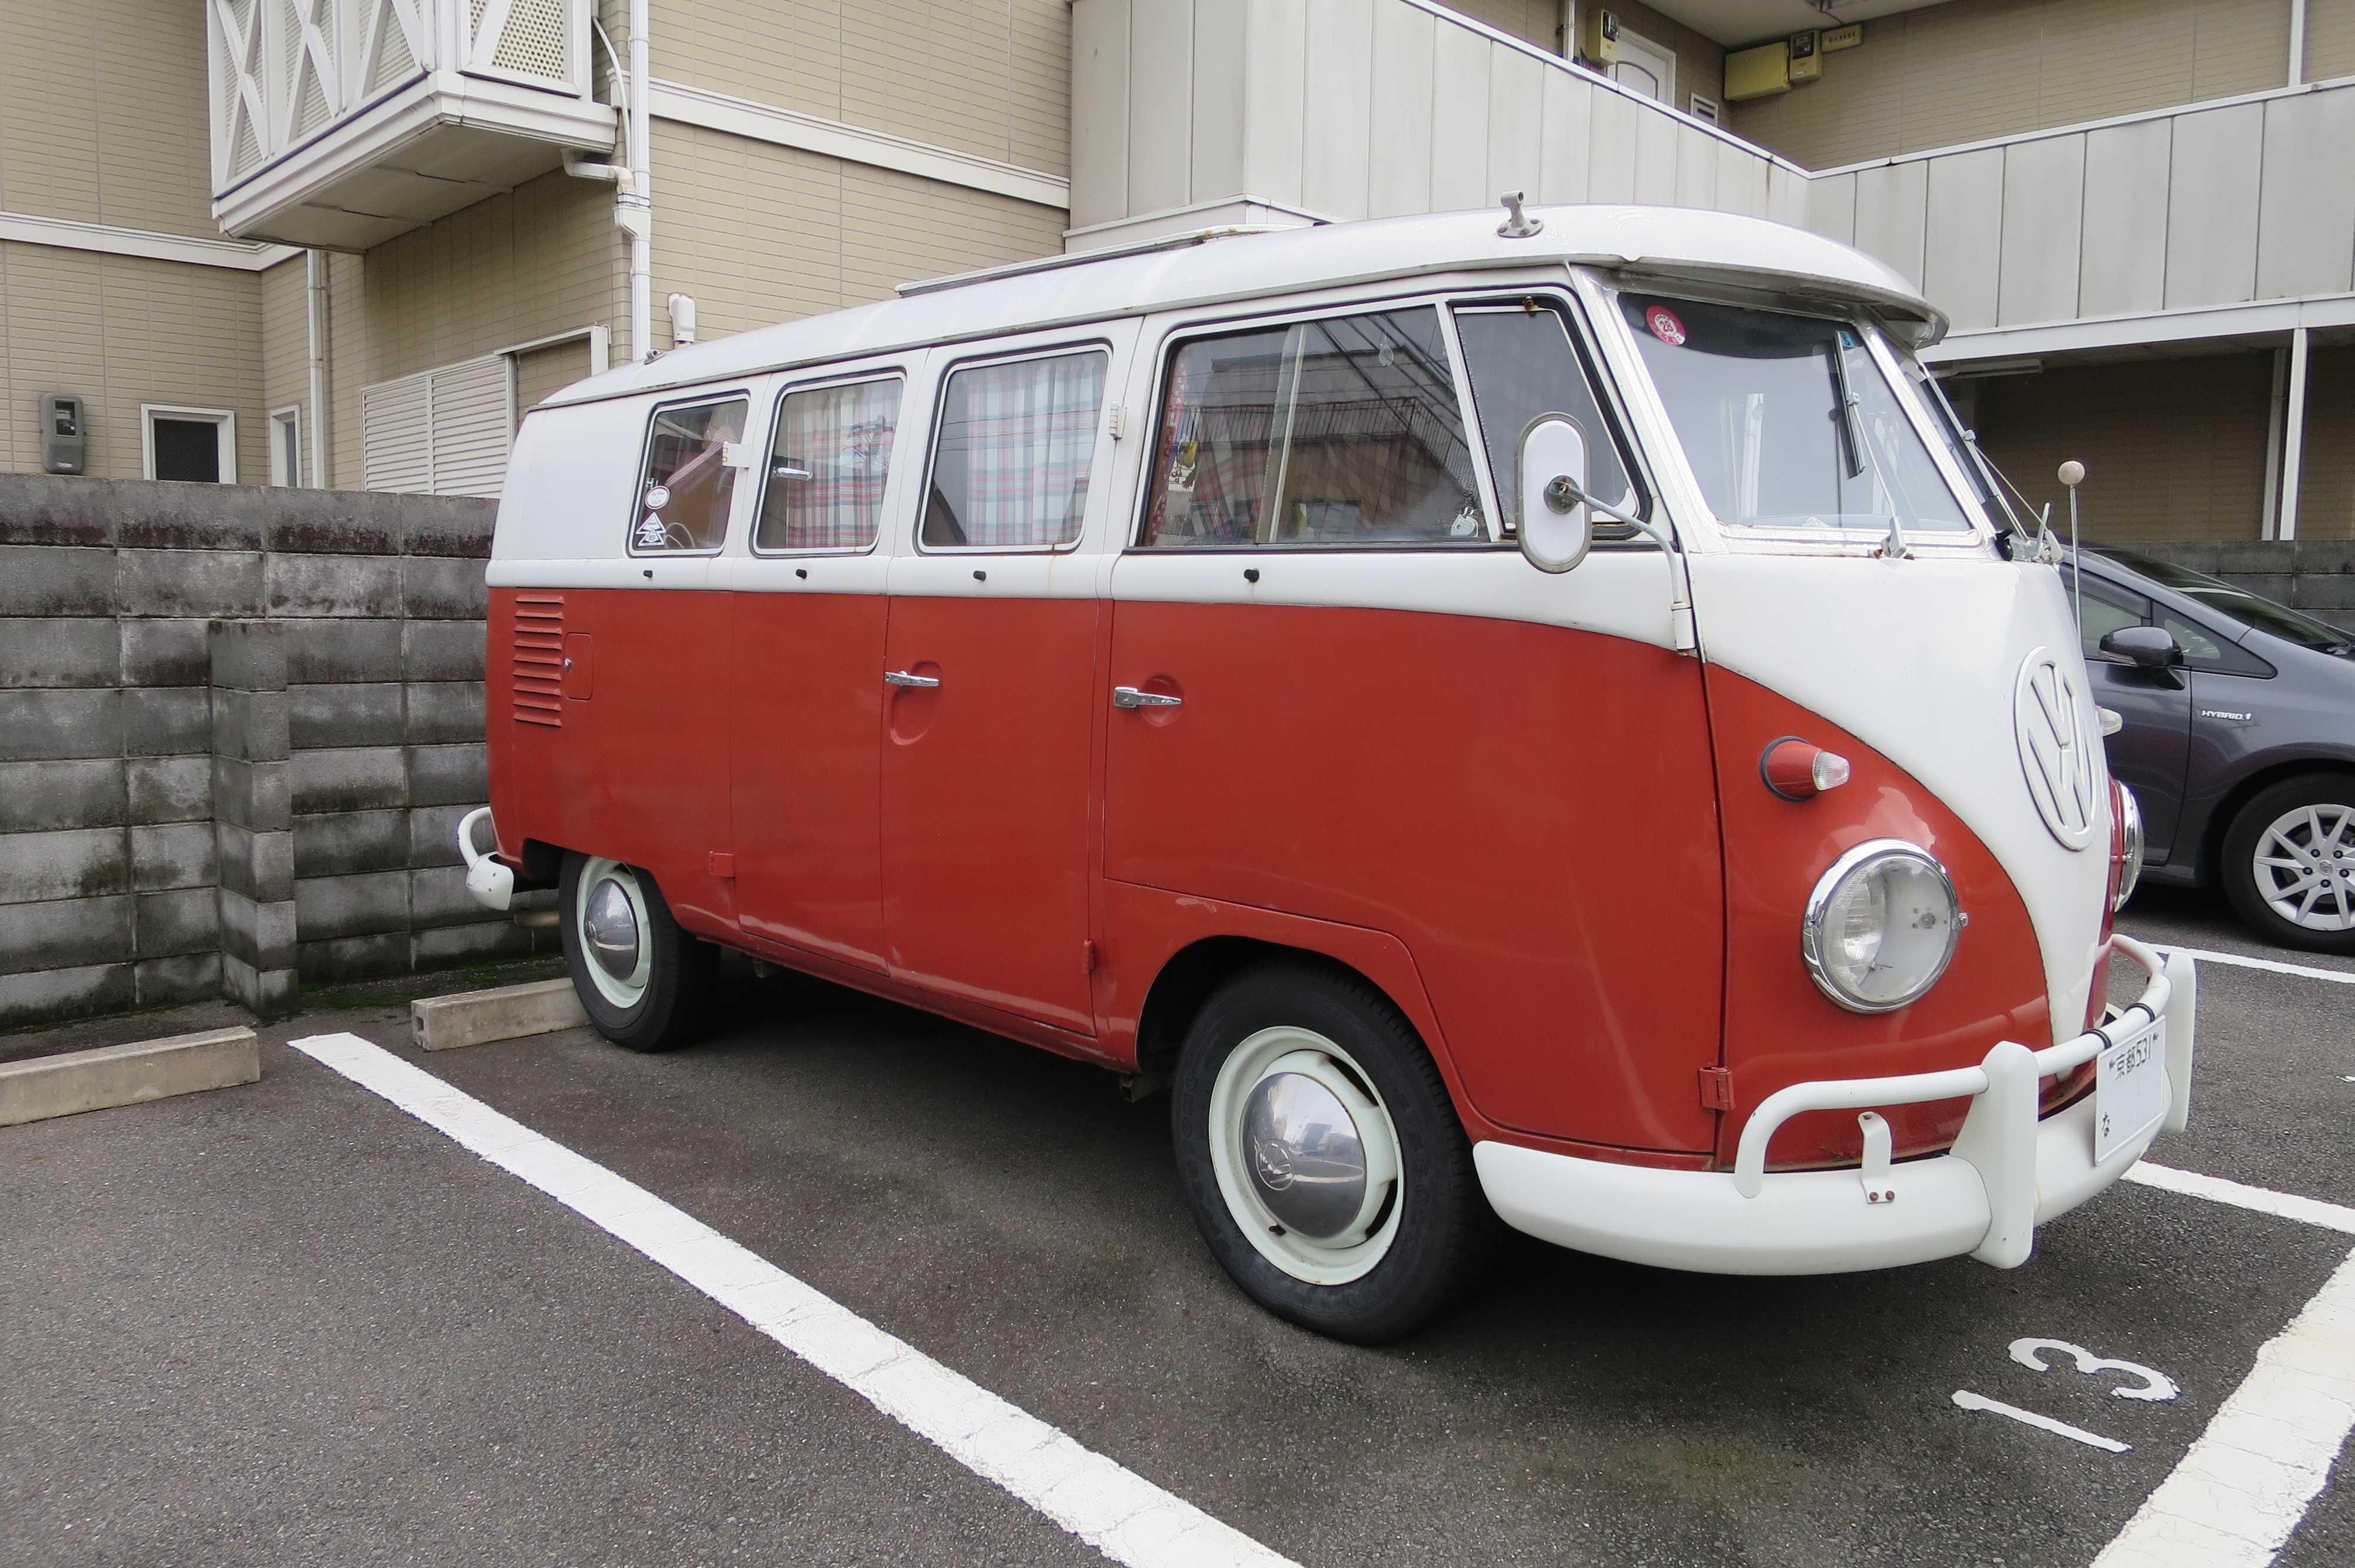 VW(フォルクスワーゲン)のワーゲンバス